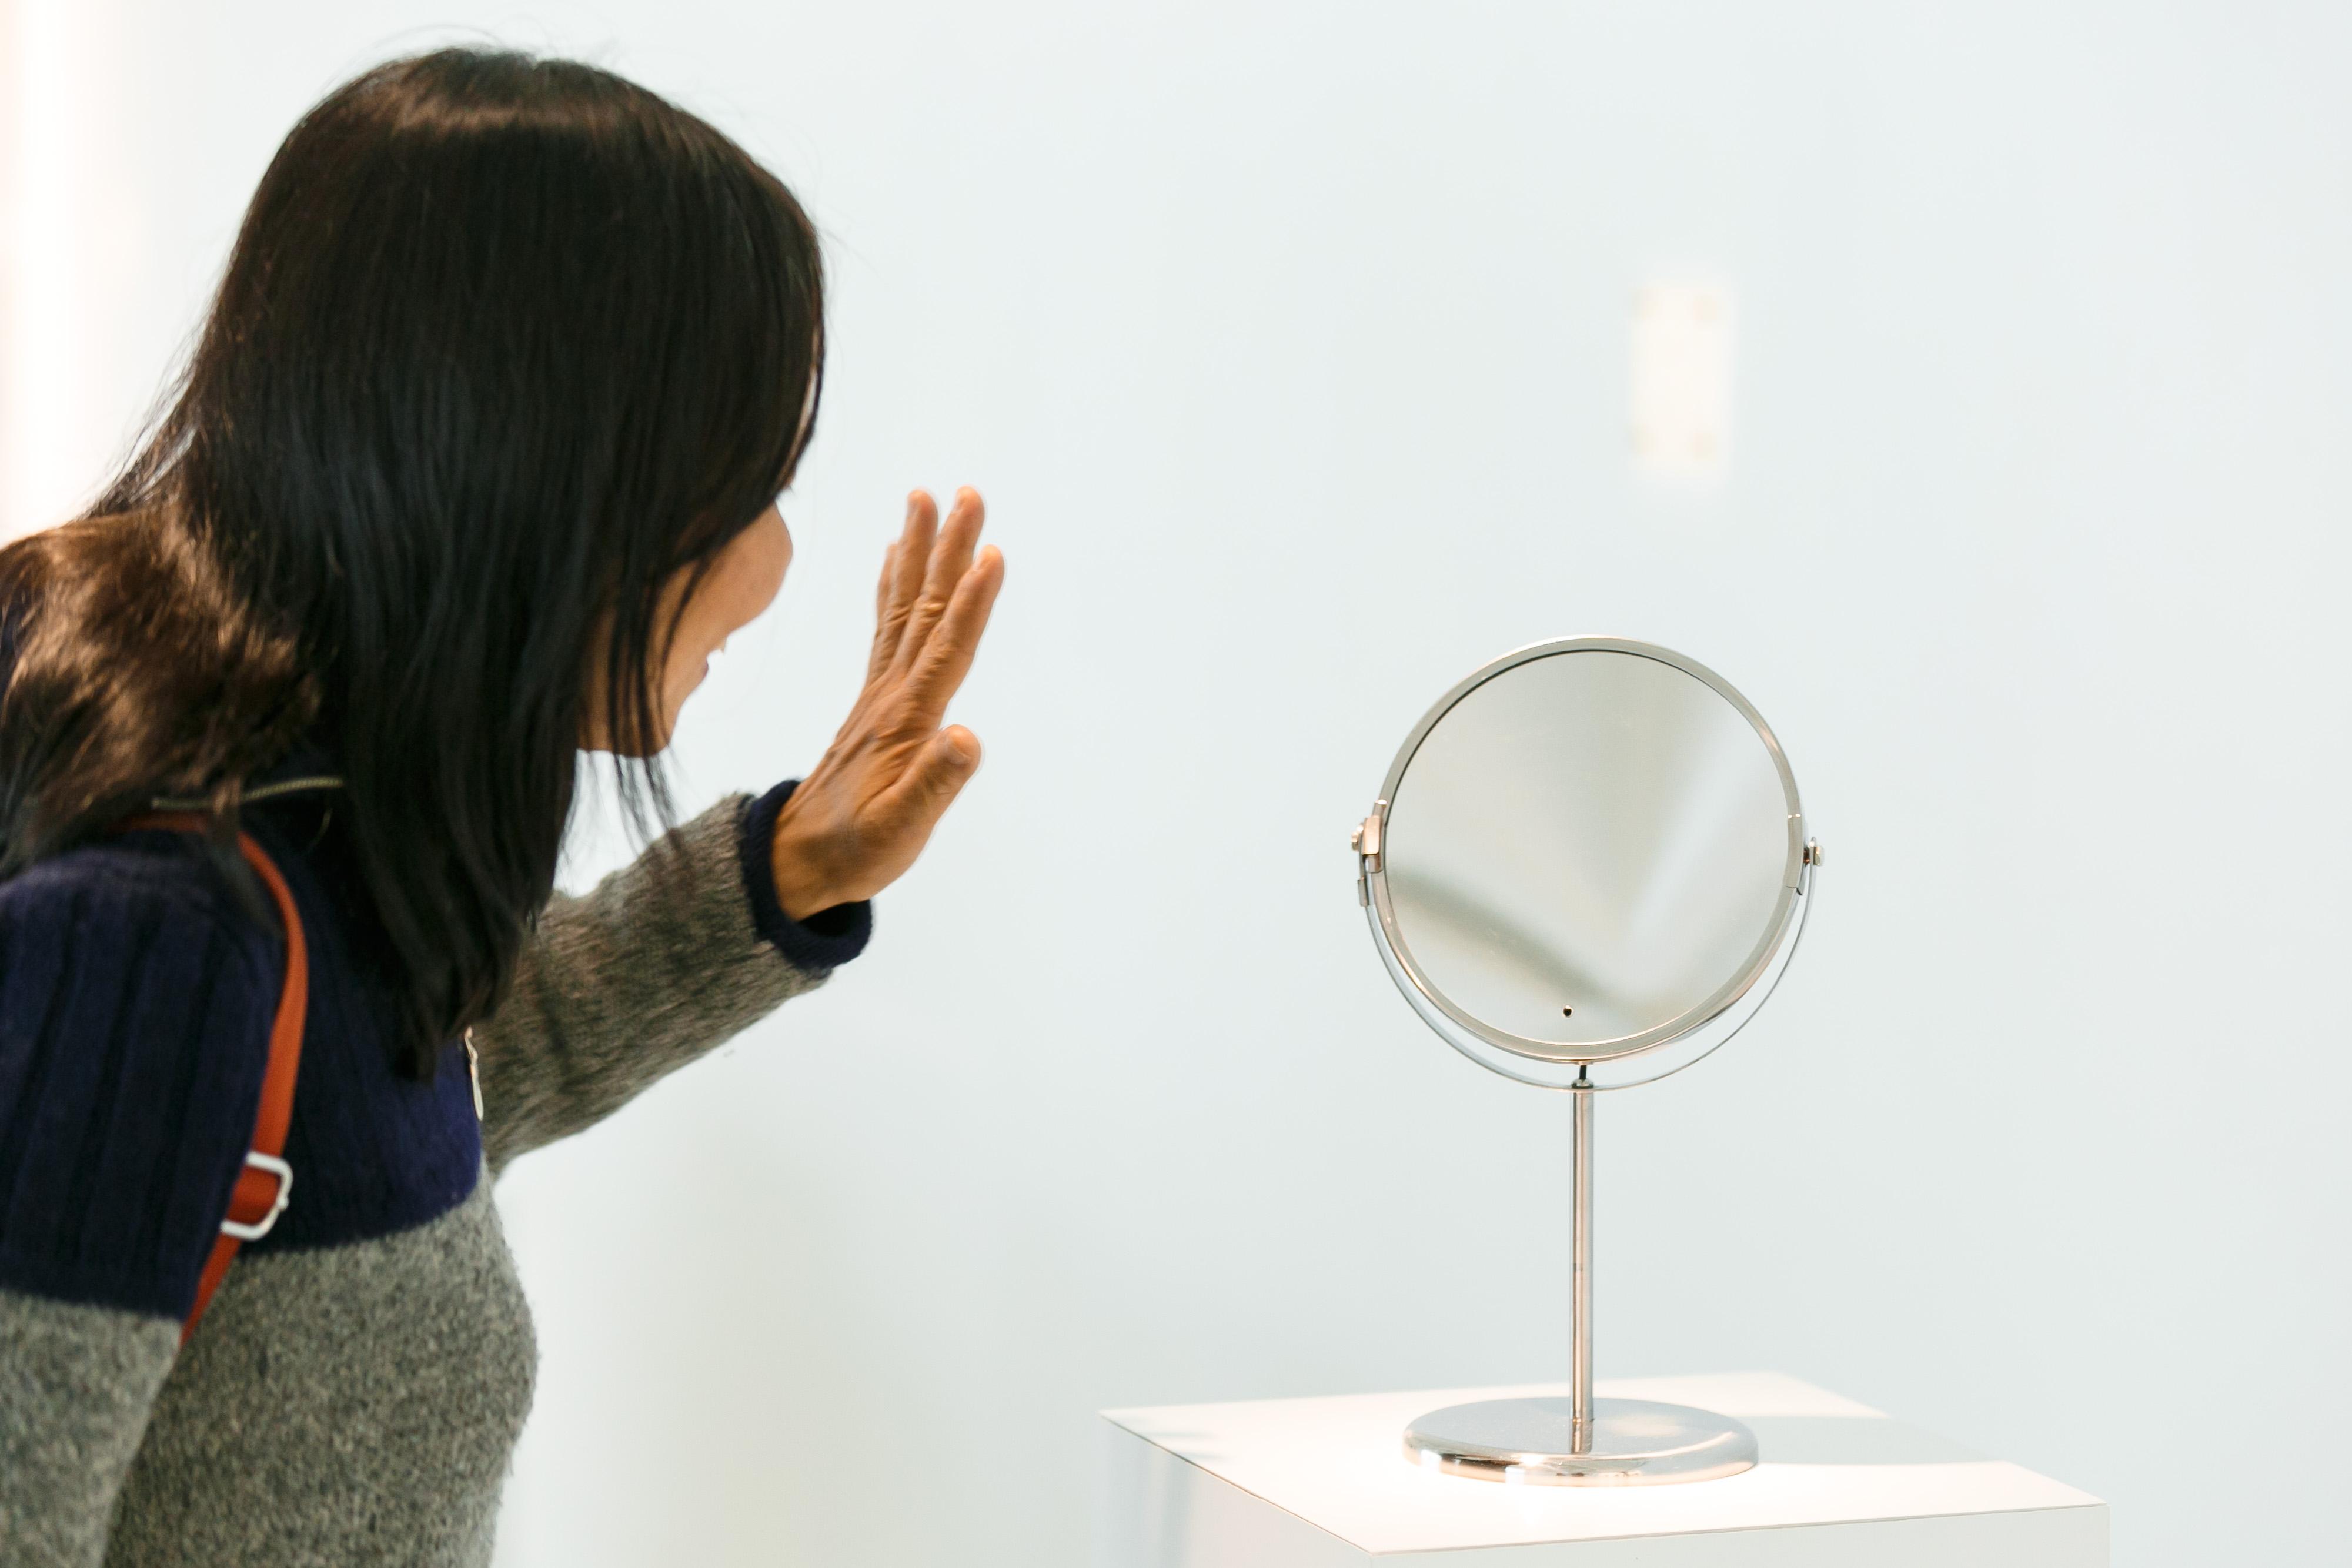 《Nonfacial Mirror》Shinseungback Kimyonghun (南韓)